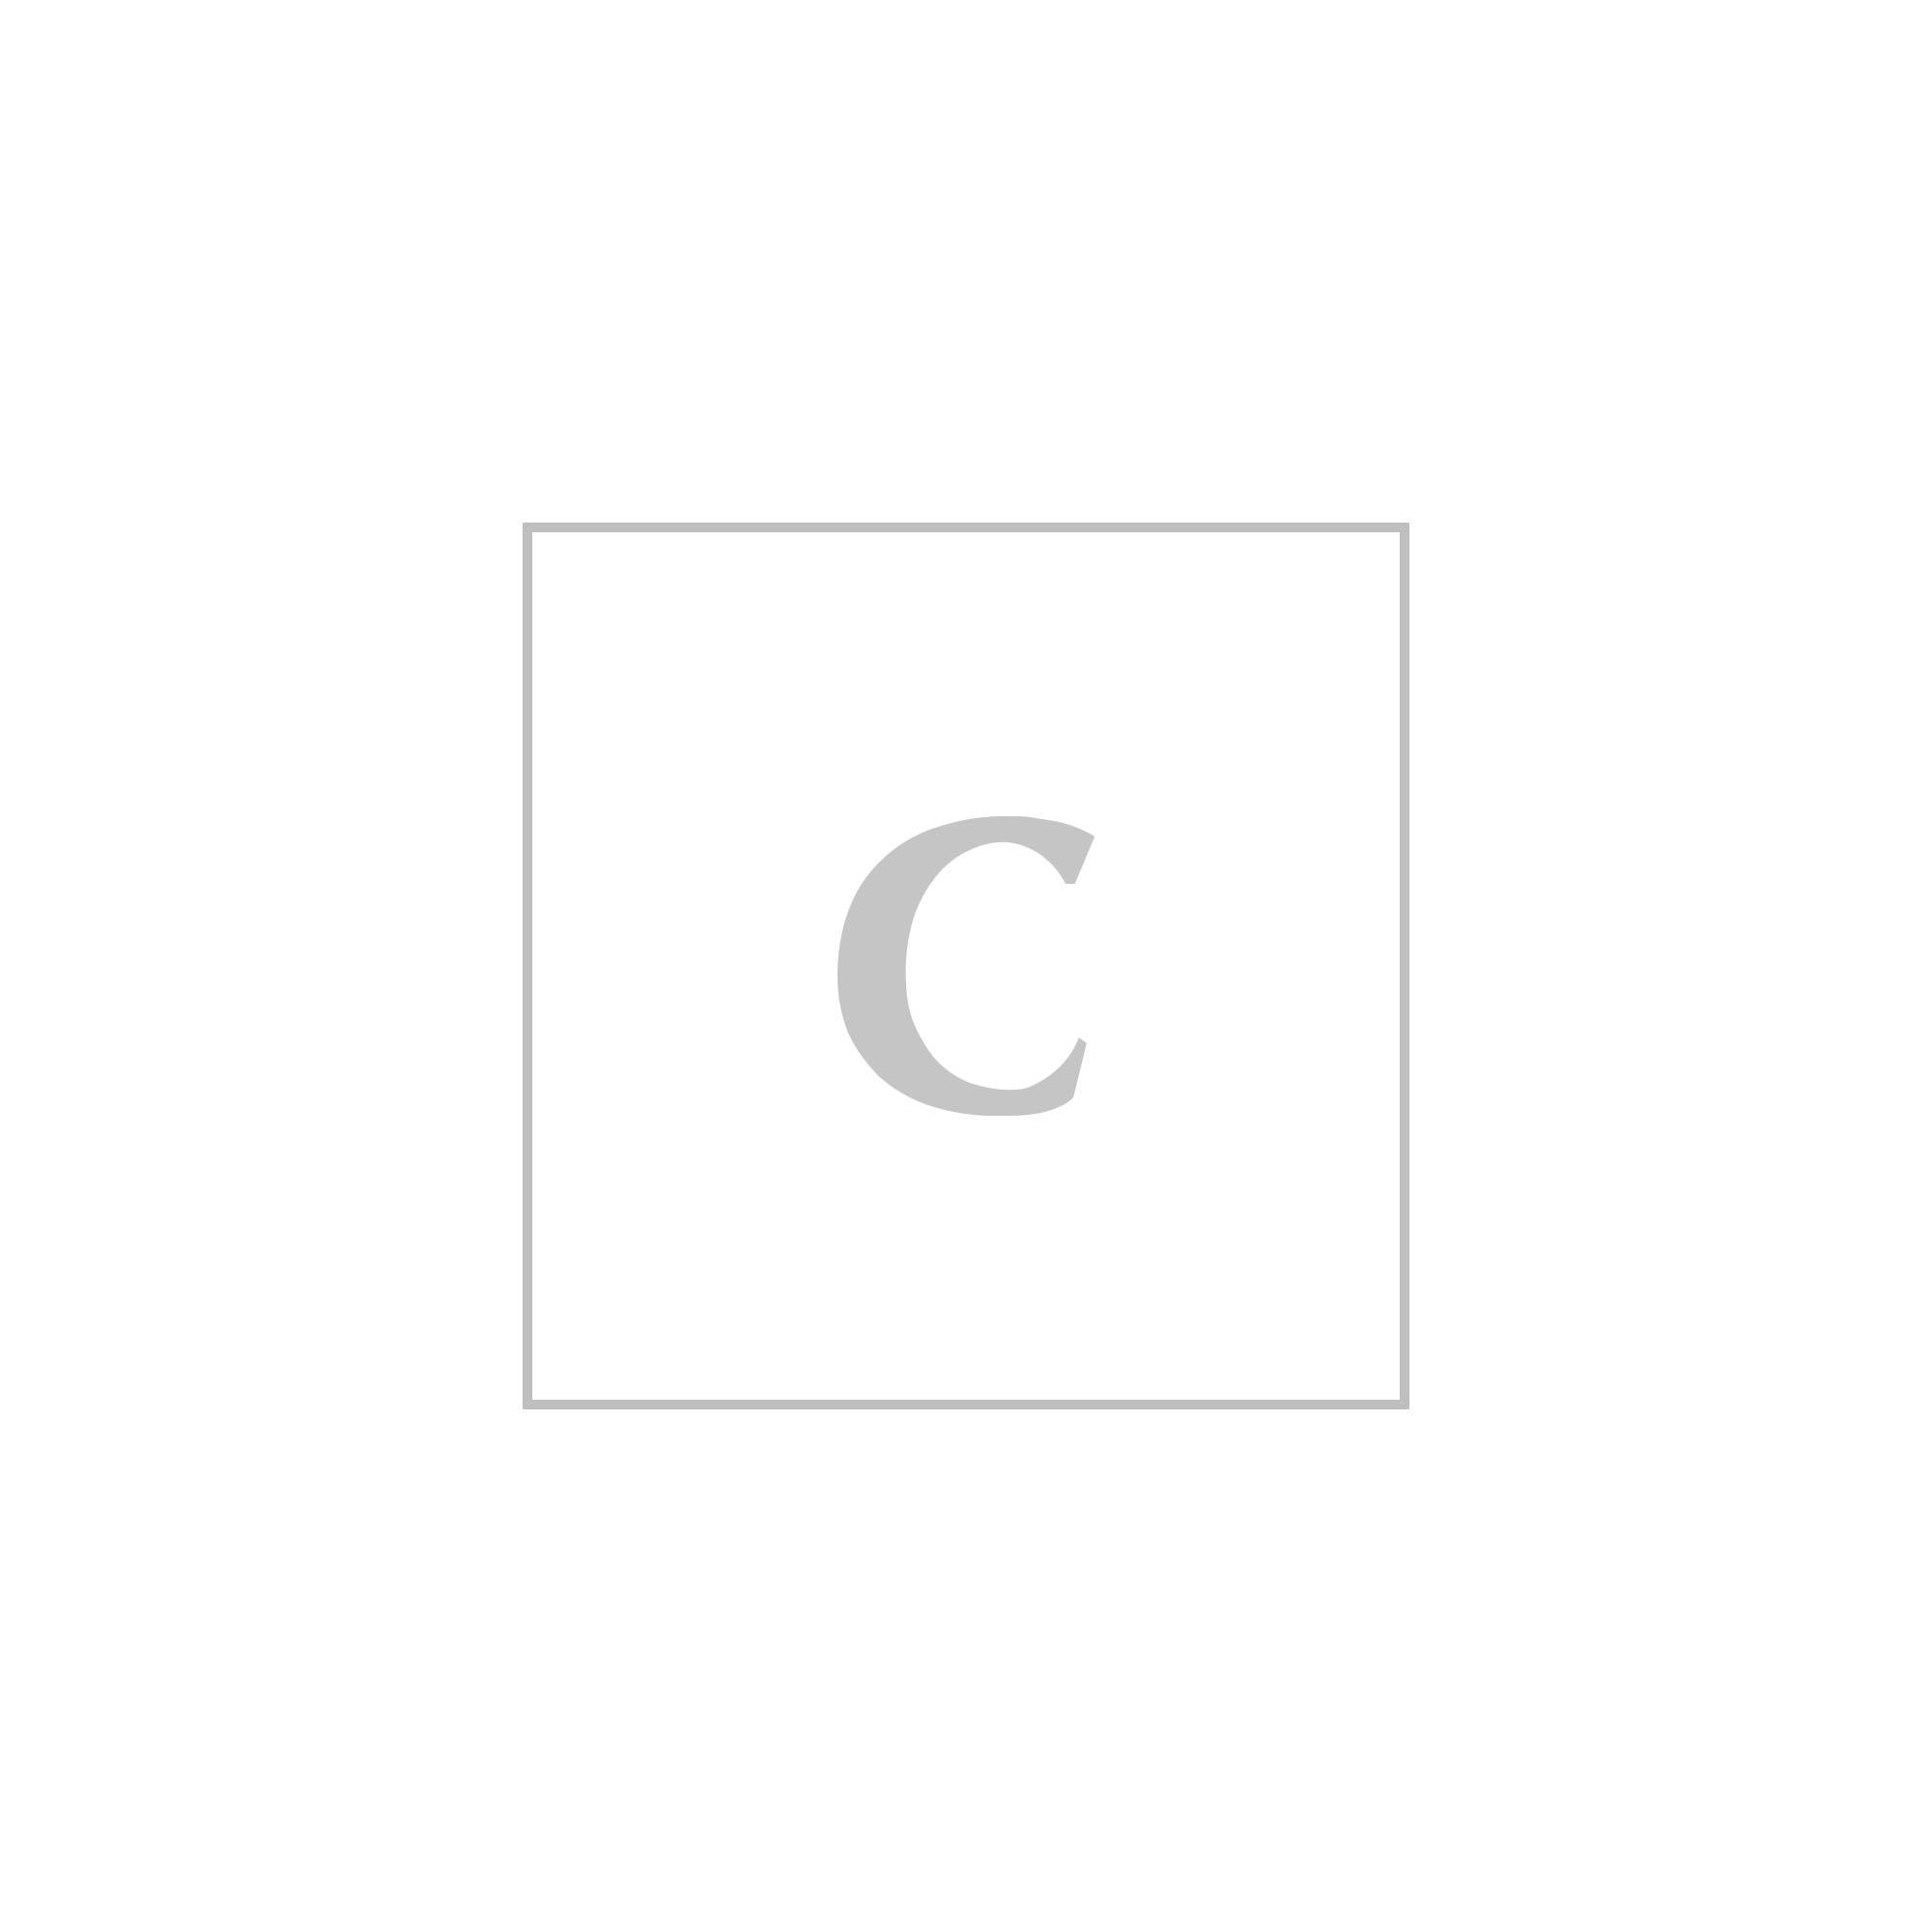 Burberry borsa chichester